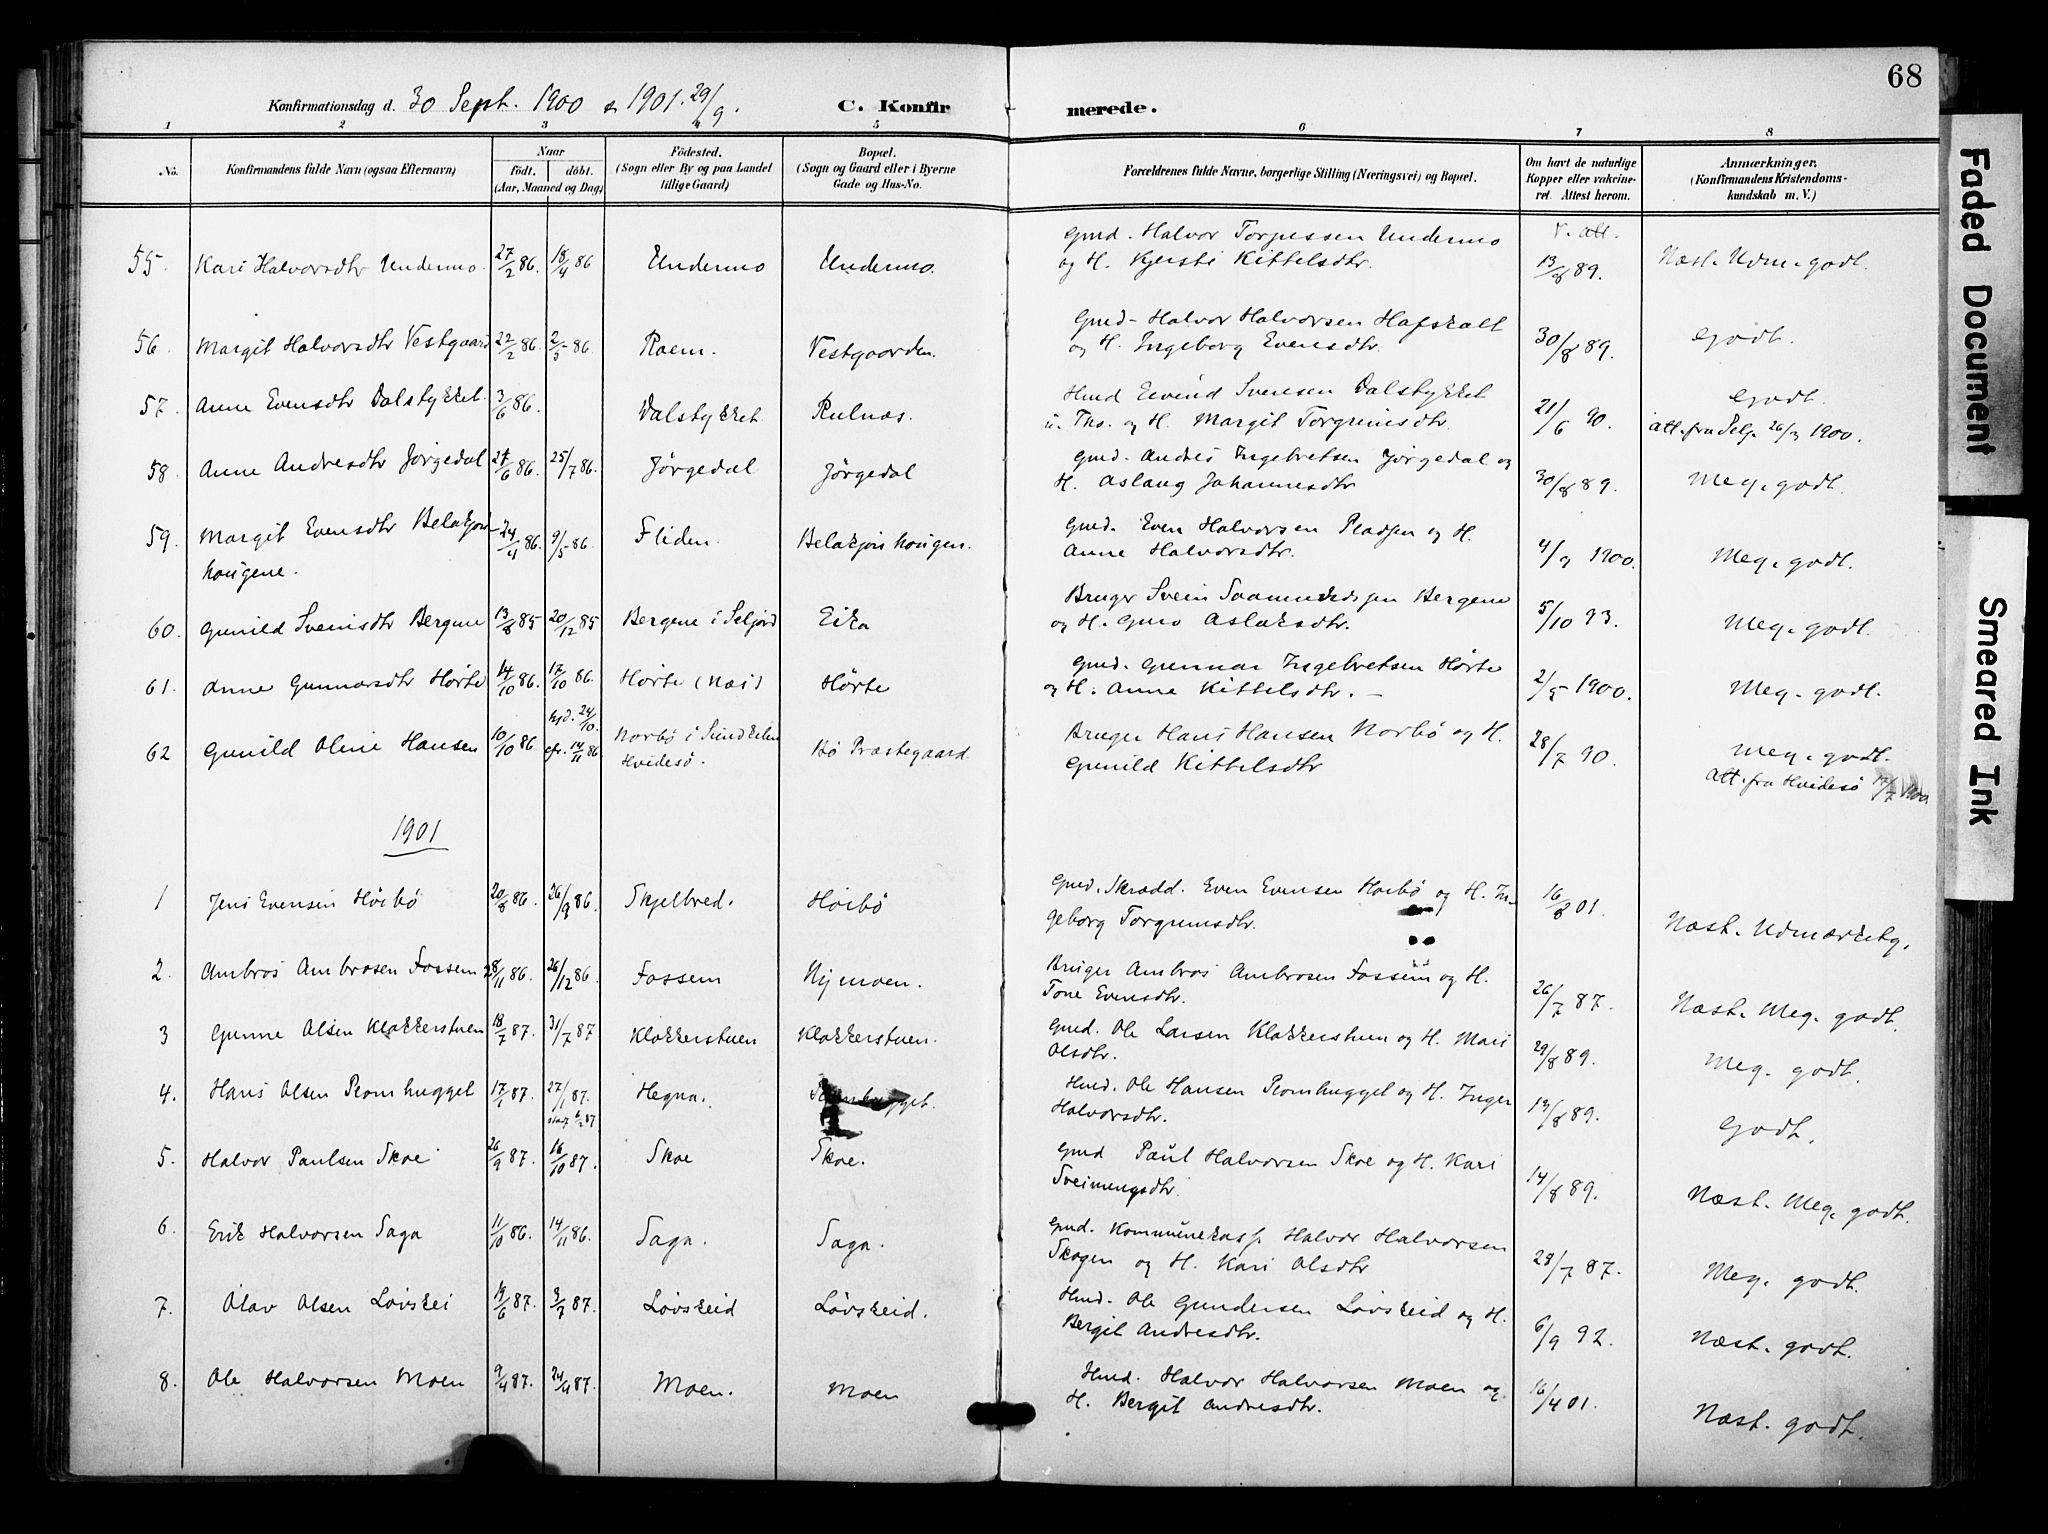 SAKO, Bø kirkebøker, F/Fa/L0012: Ministerialbok nr. 12, 1900-1908, s. 68